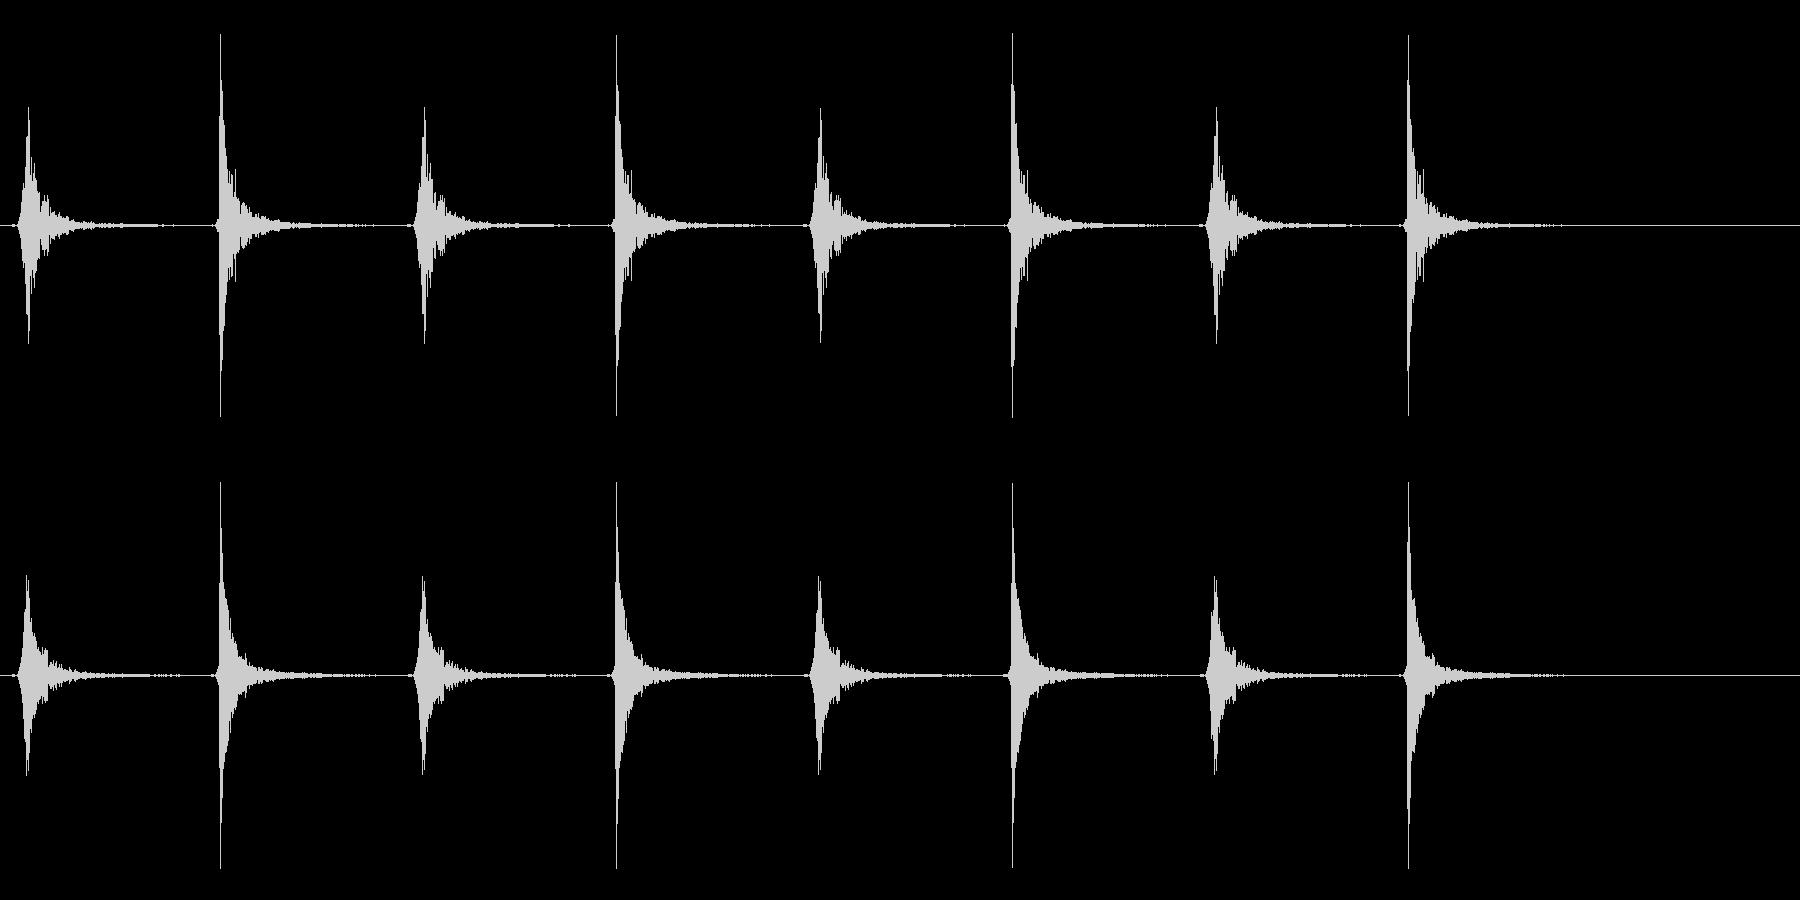 カチカチカチカチ(振り子時計、古い)の未再生の波形